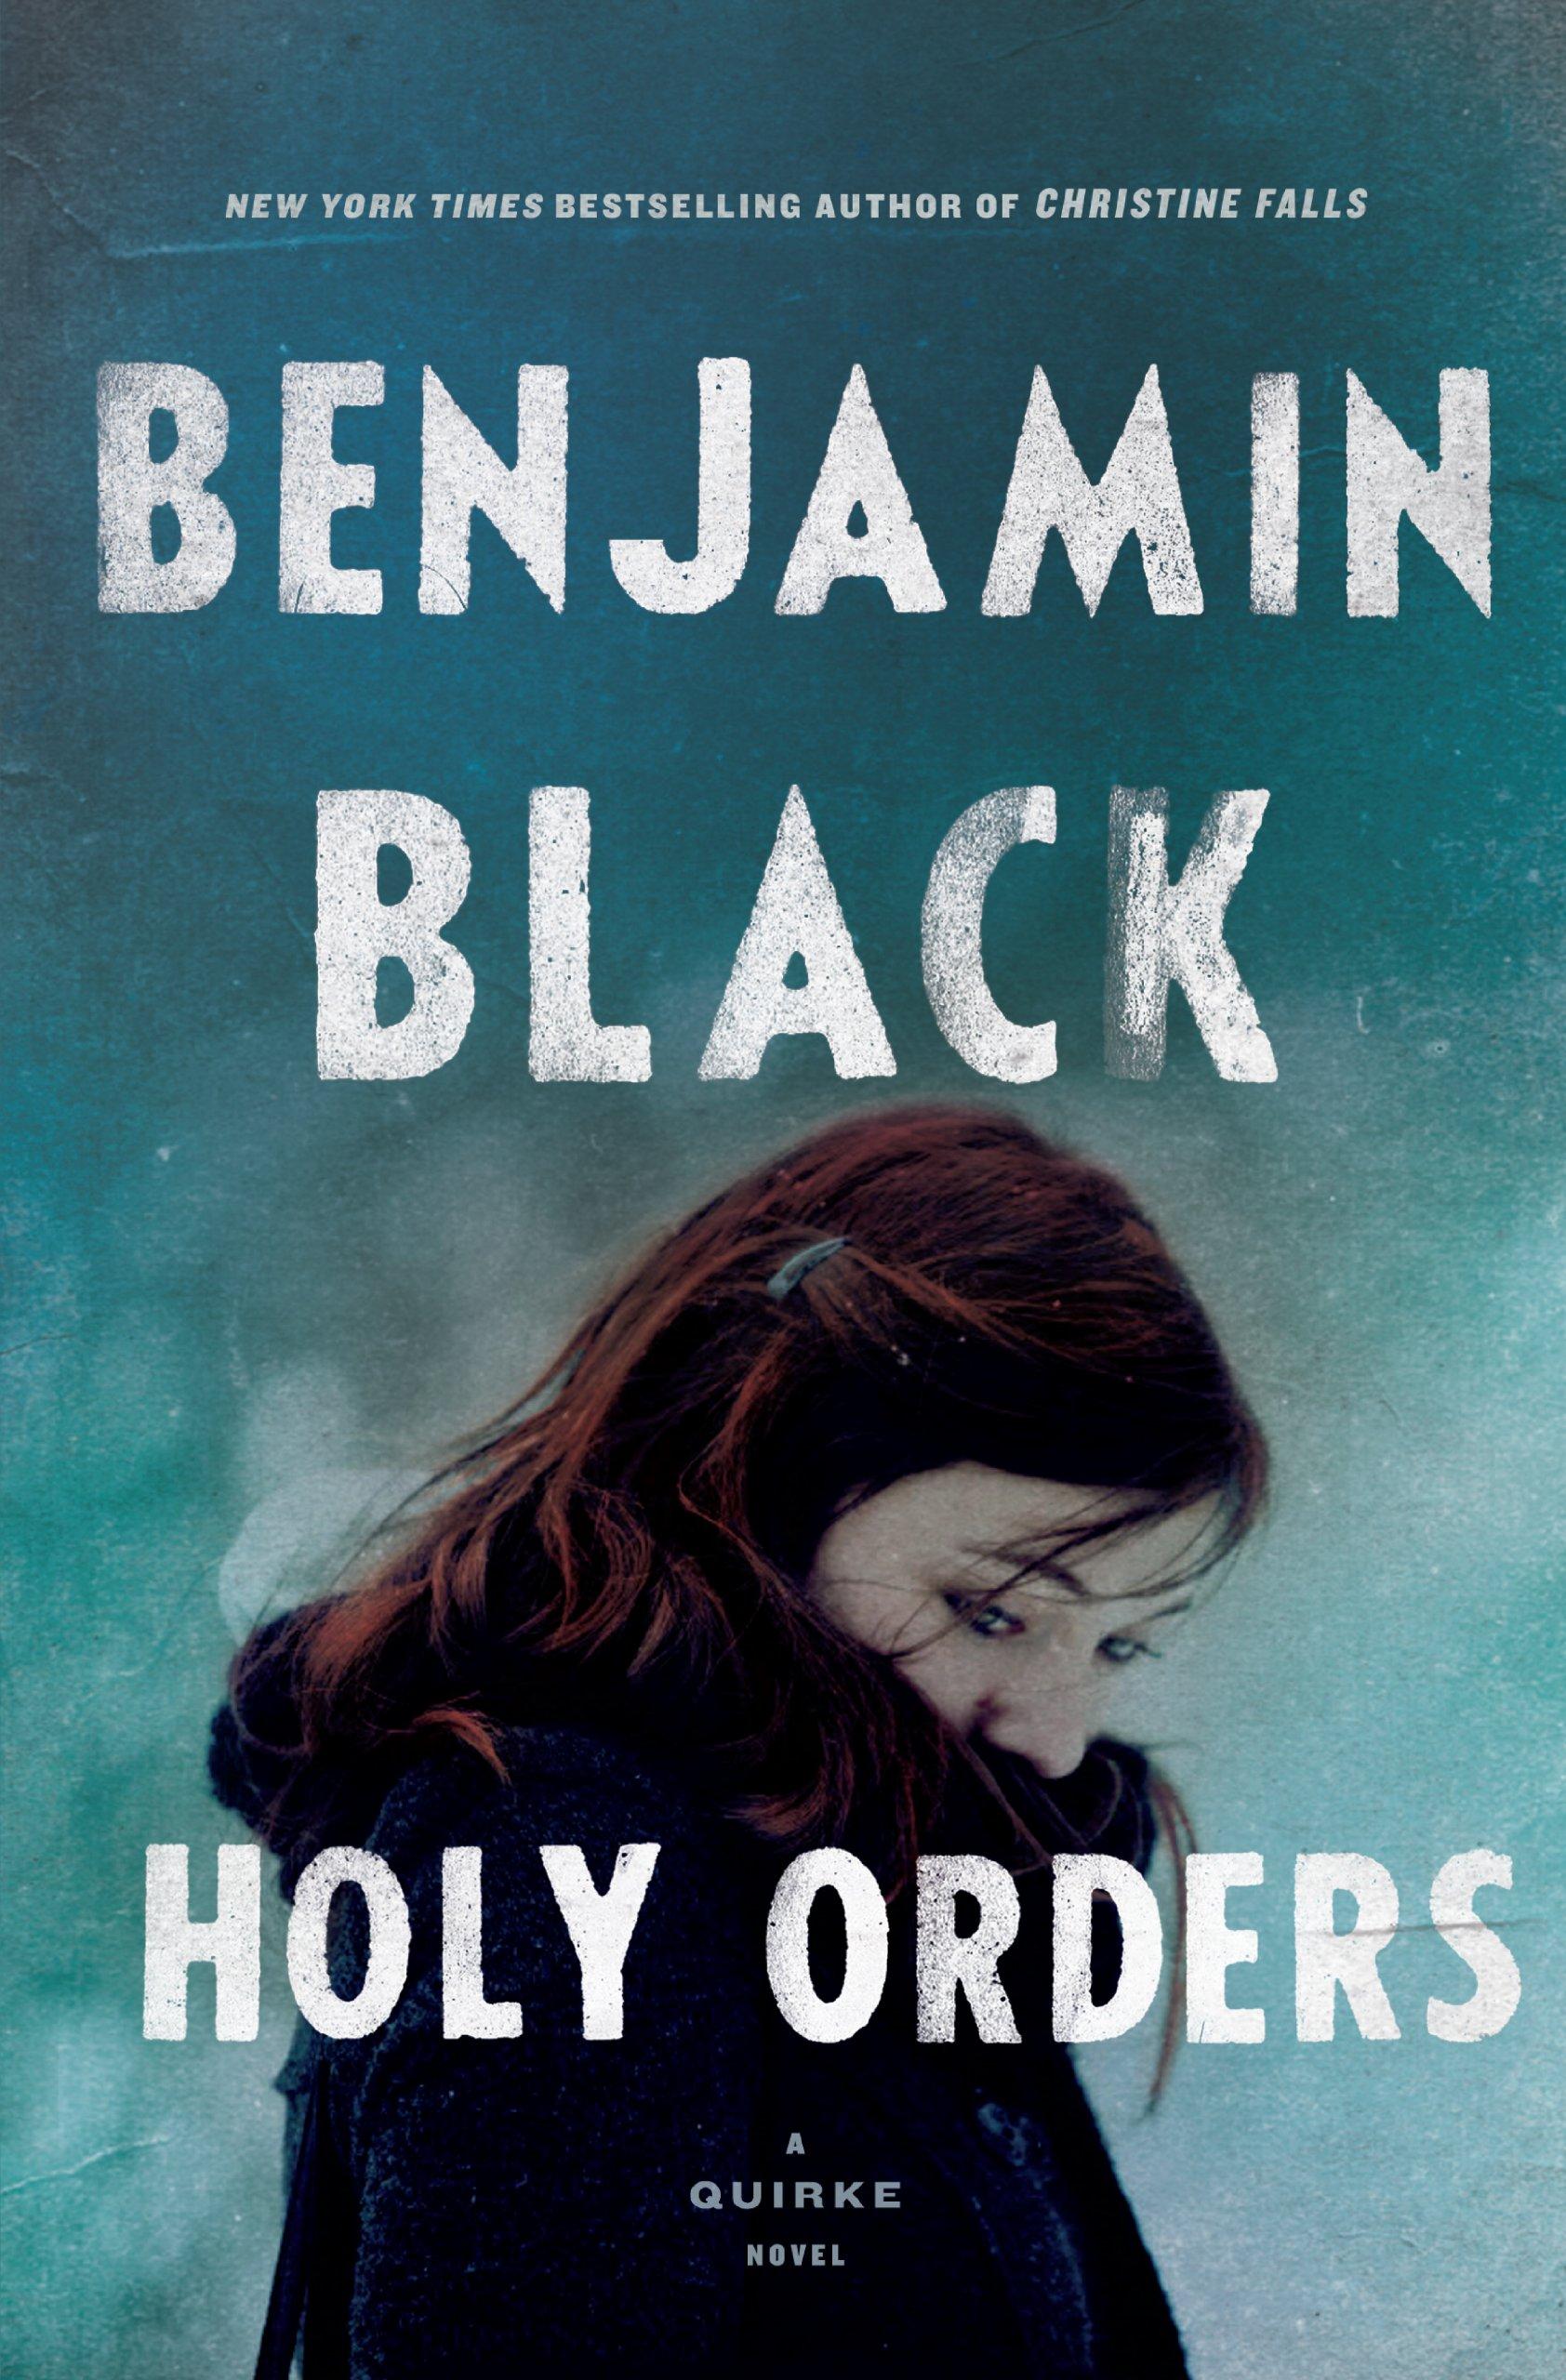 Holy Orders: A Quirke Novel (Thorndike Large Print Crime Scene) pdf epub